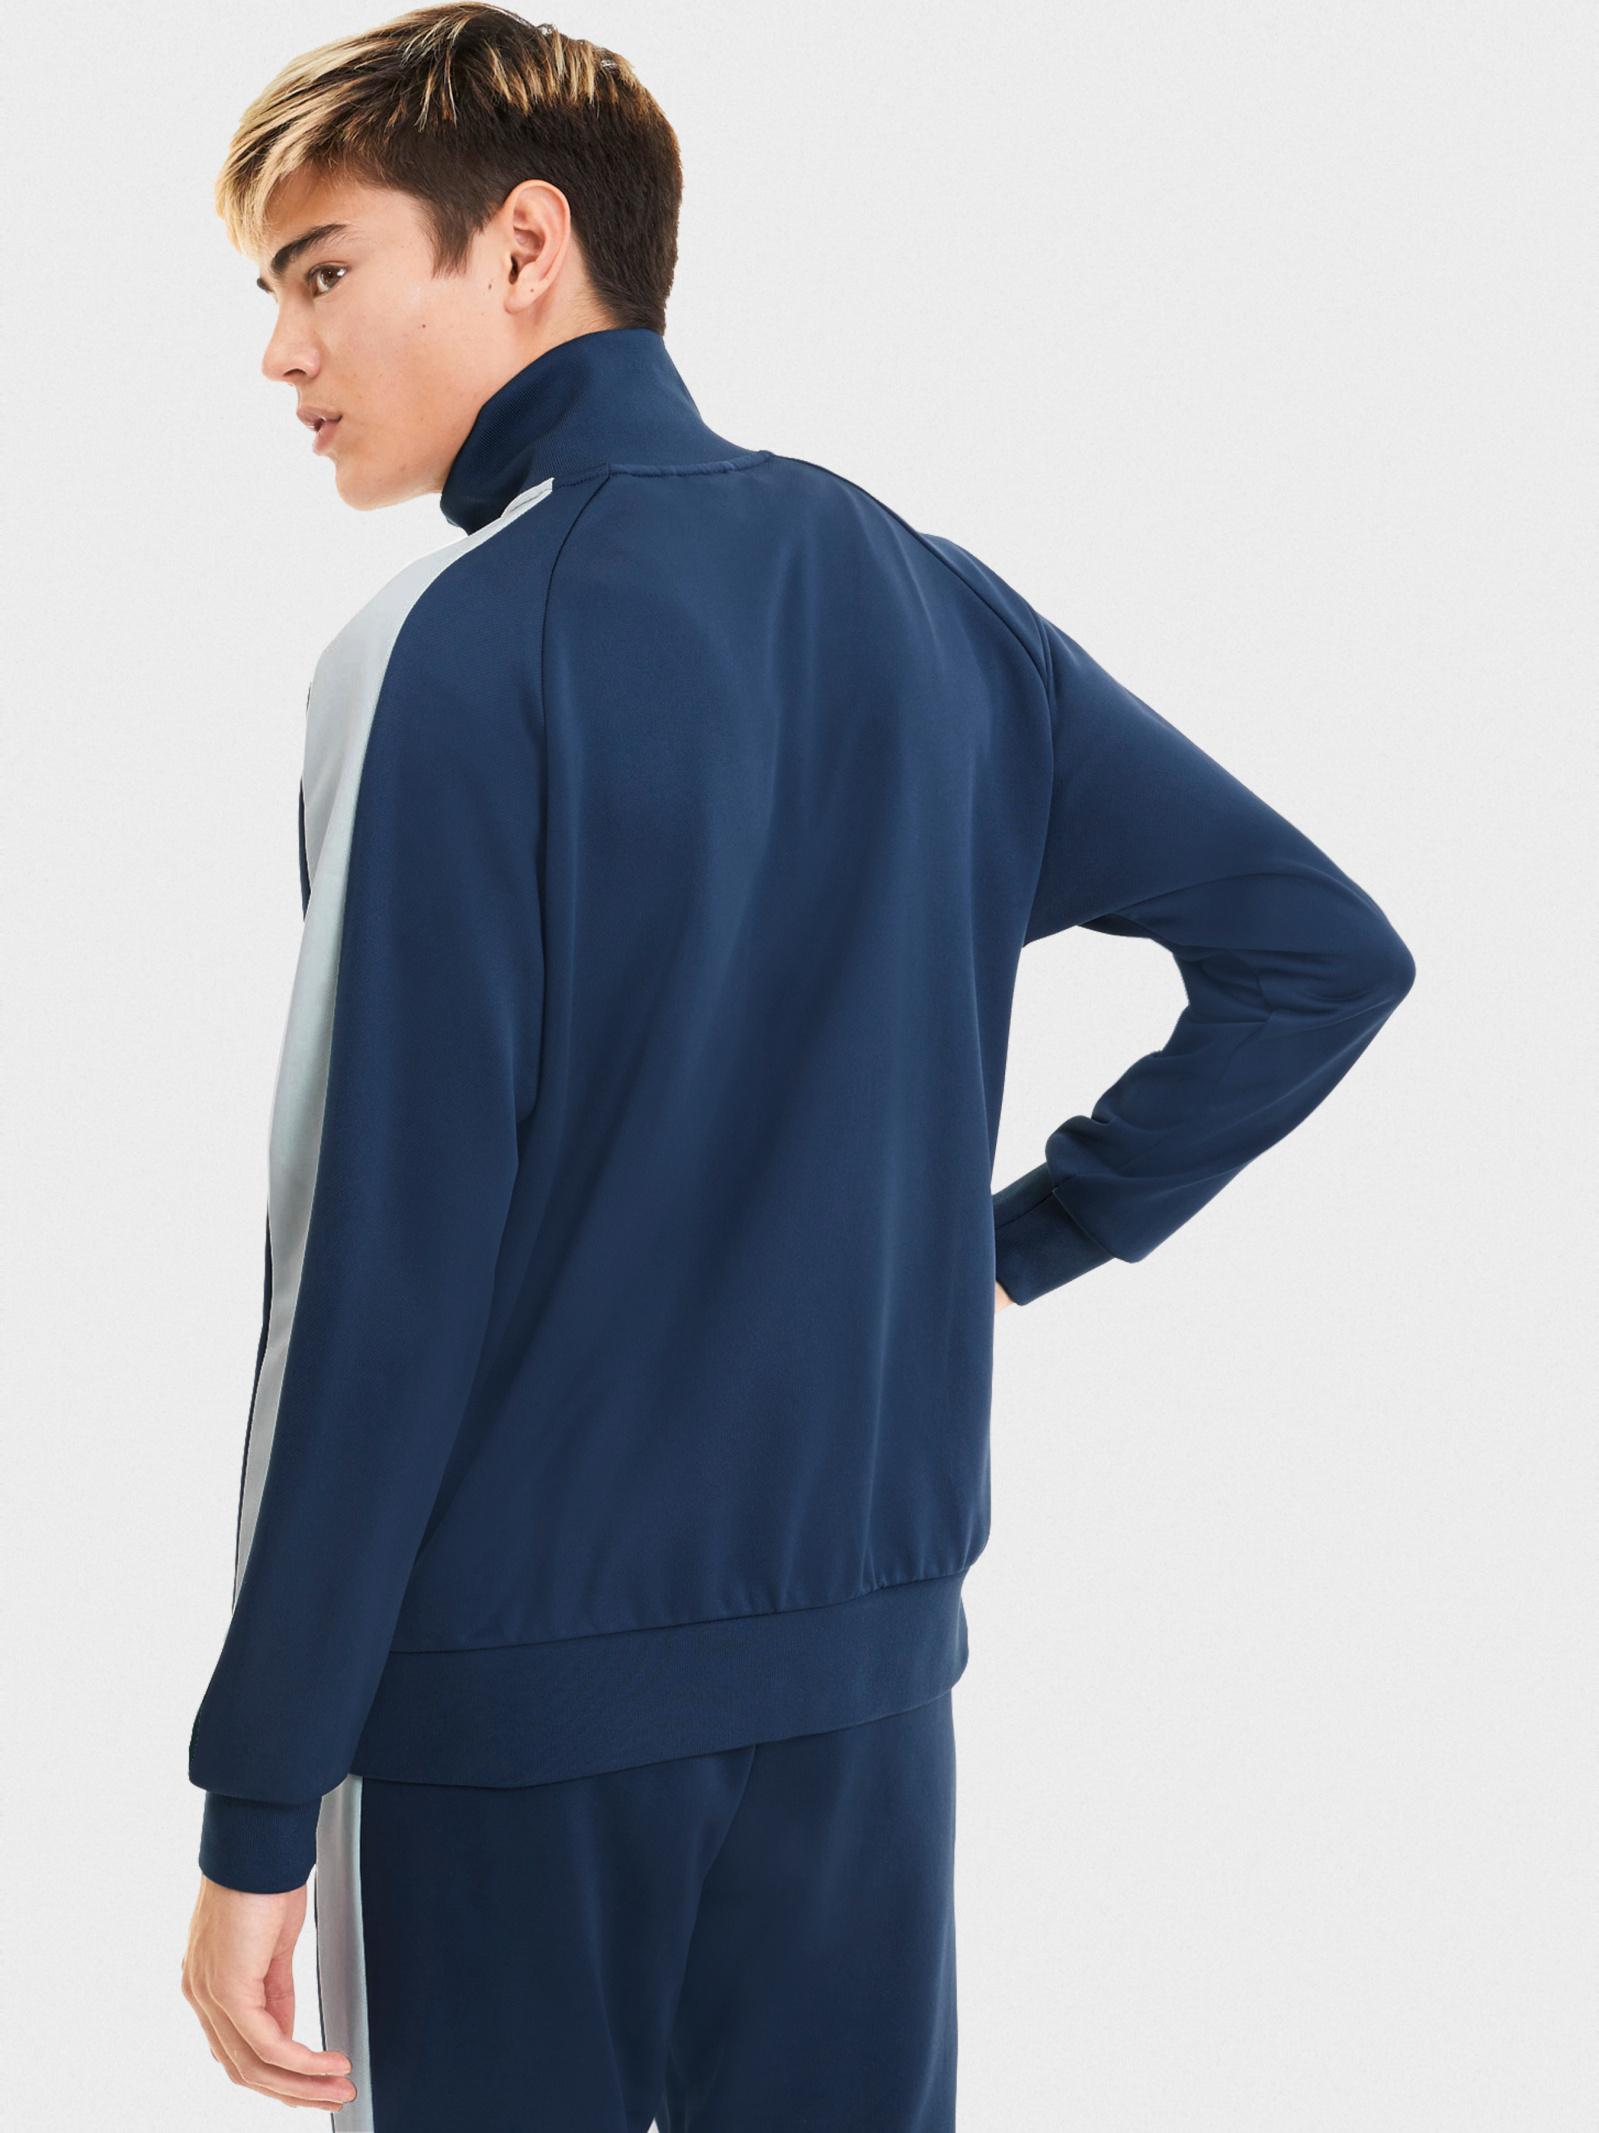 PUMA Кофти та светри чоловічі модель 59528643 придбати, 2017